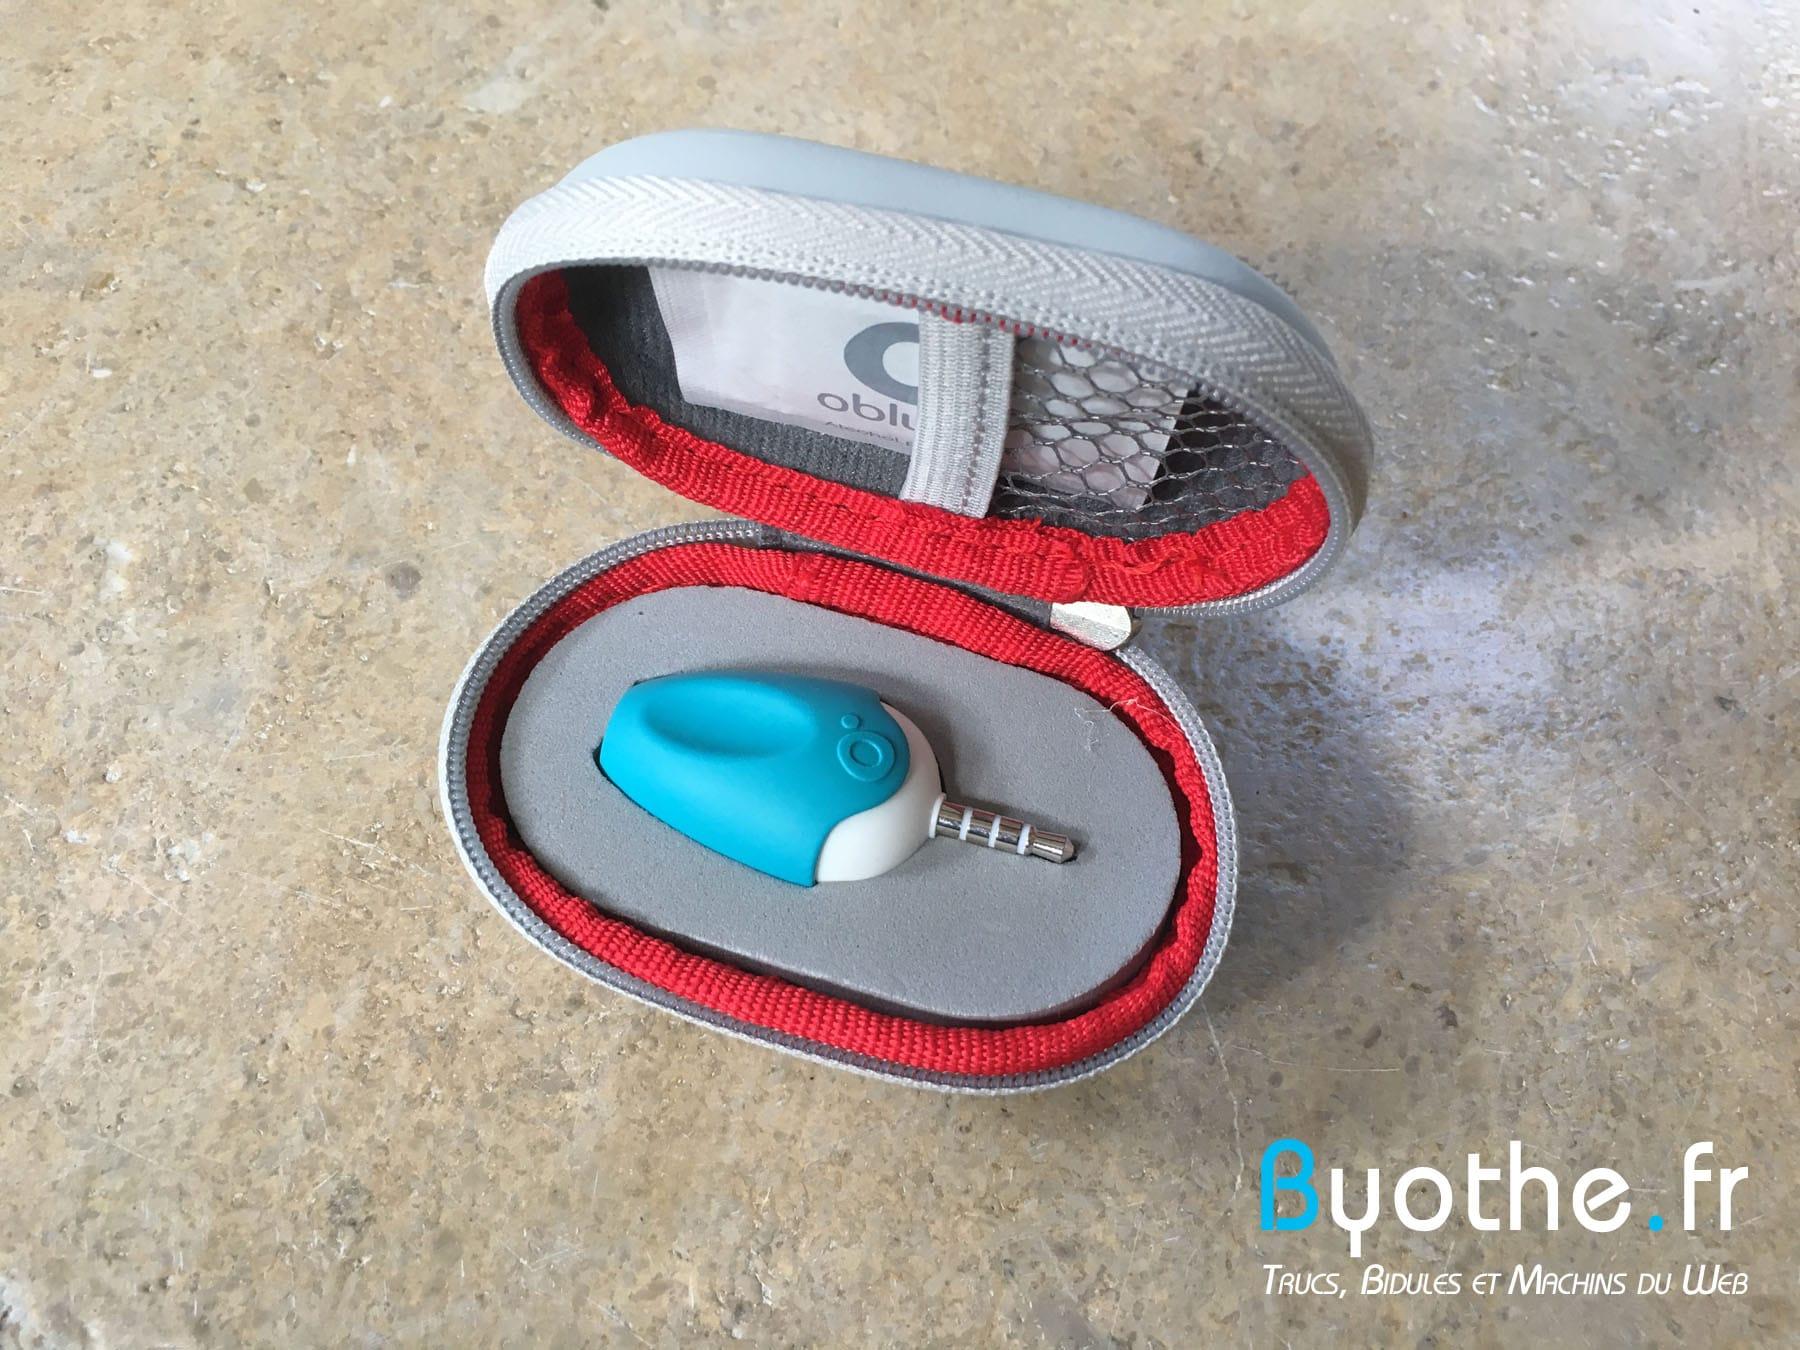 oblumi-tapp-8 Test du thermomètre digital connecté pour toute la famille Oblumi Tapp